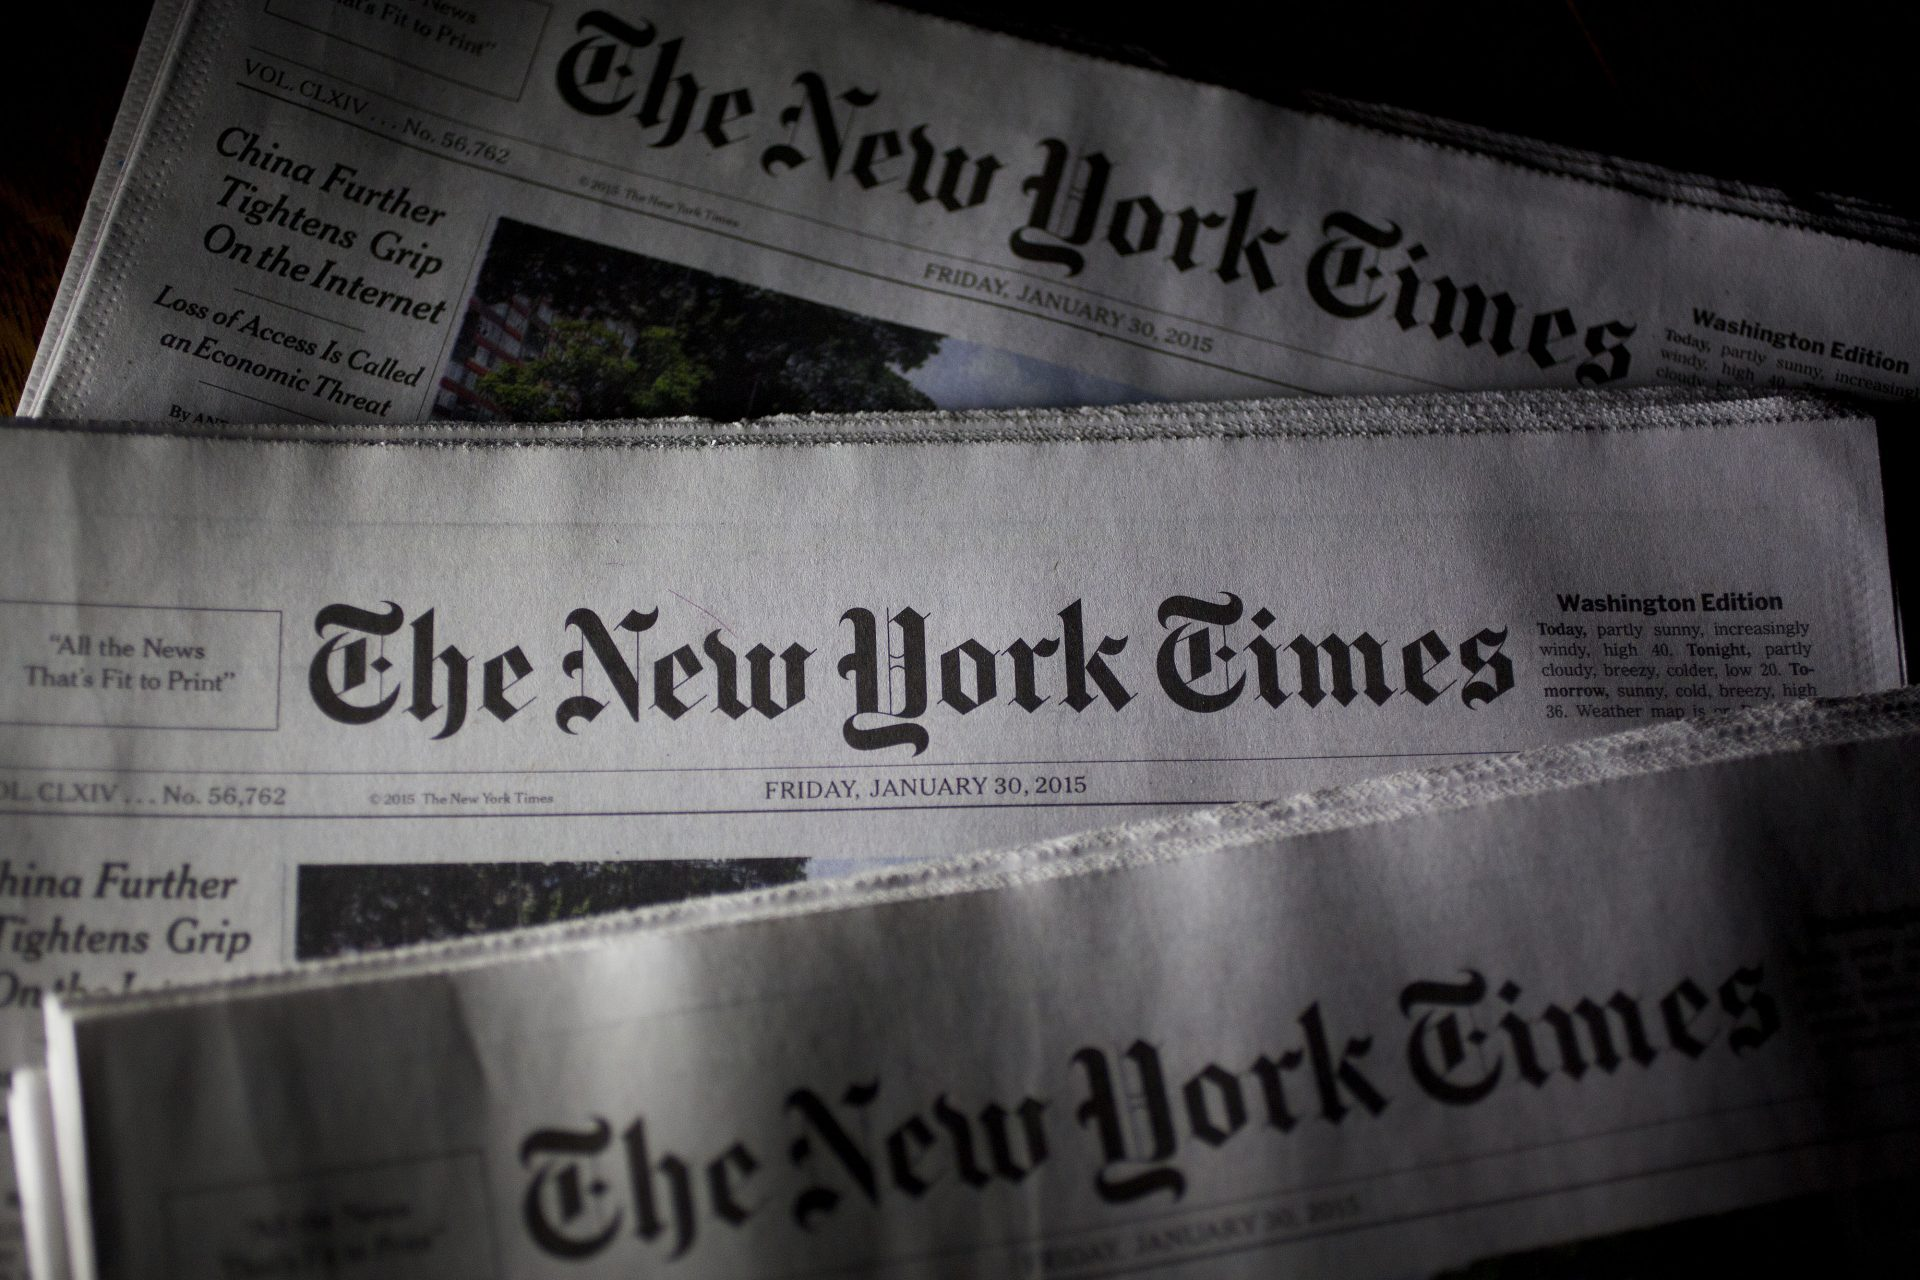 Unul dintre editorii seniori ai New York Times a demisionat din cauza unui articol controversat